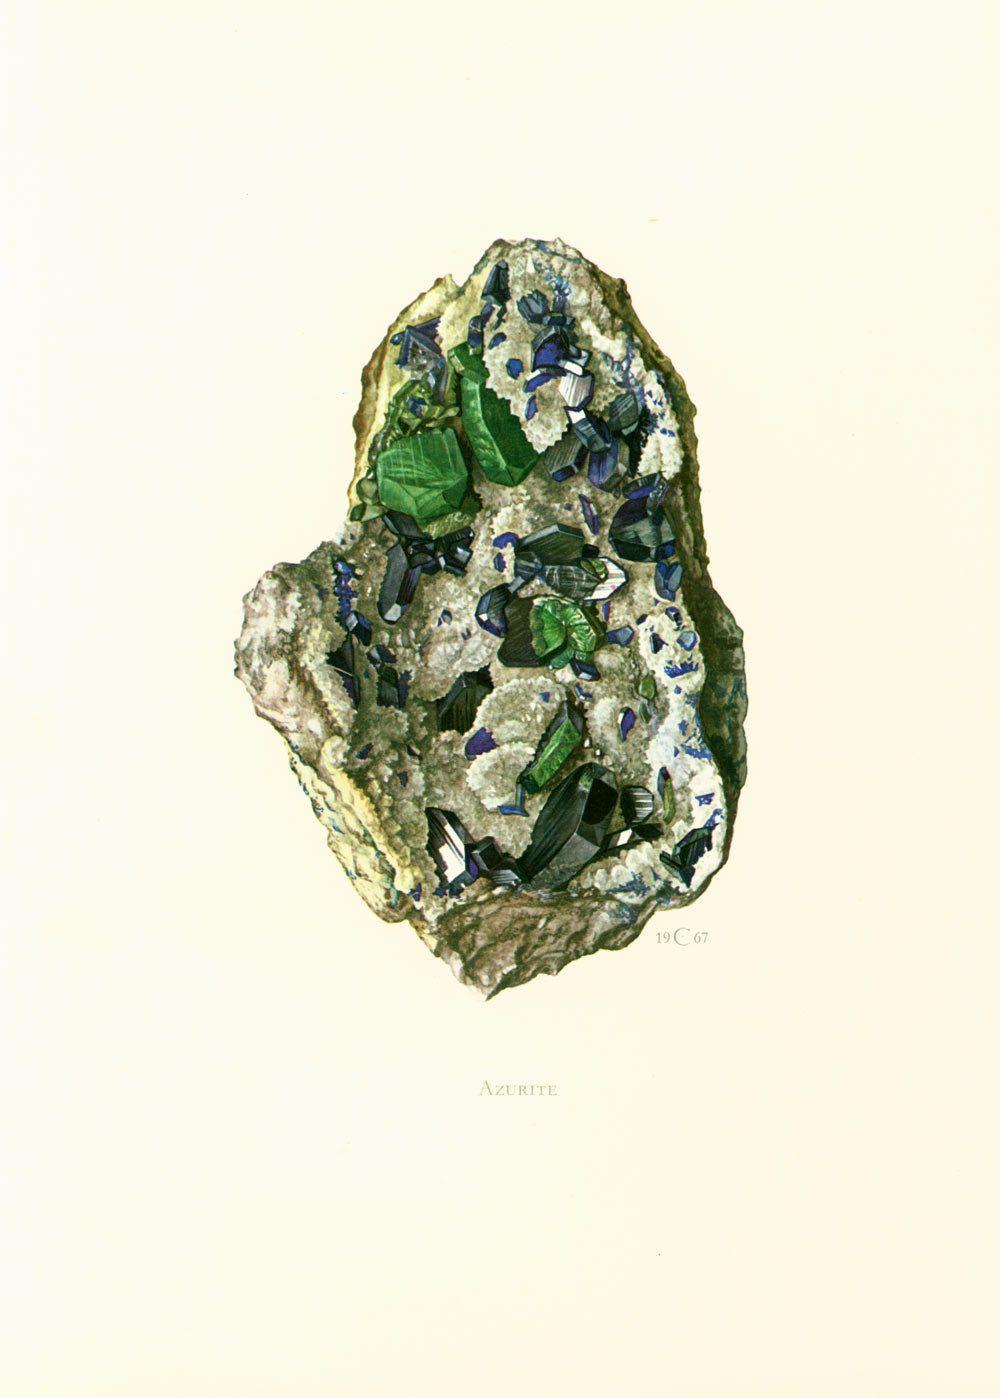 1970 Illustration Azurite Malachite. Planche Originale Pierres Precieuses Minéraux Roches Cristaux. Géologie. Décoration murale. de la boutique sofrenchvintage sur Etsy